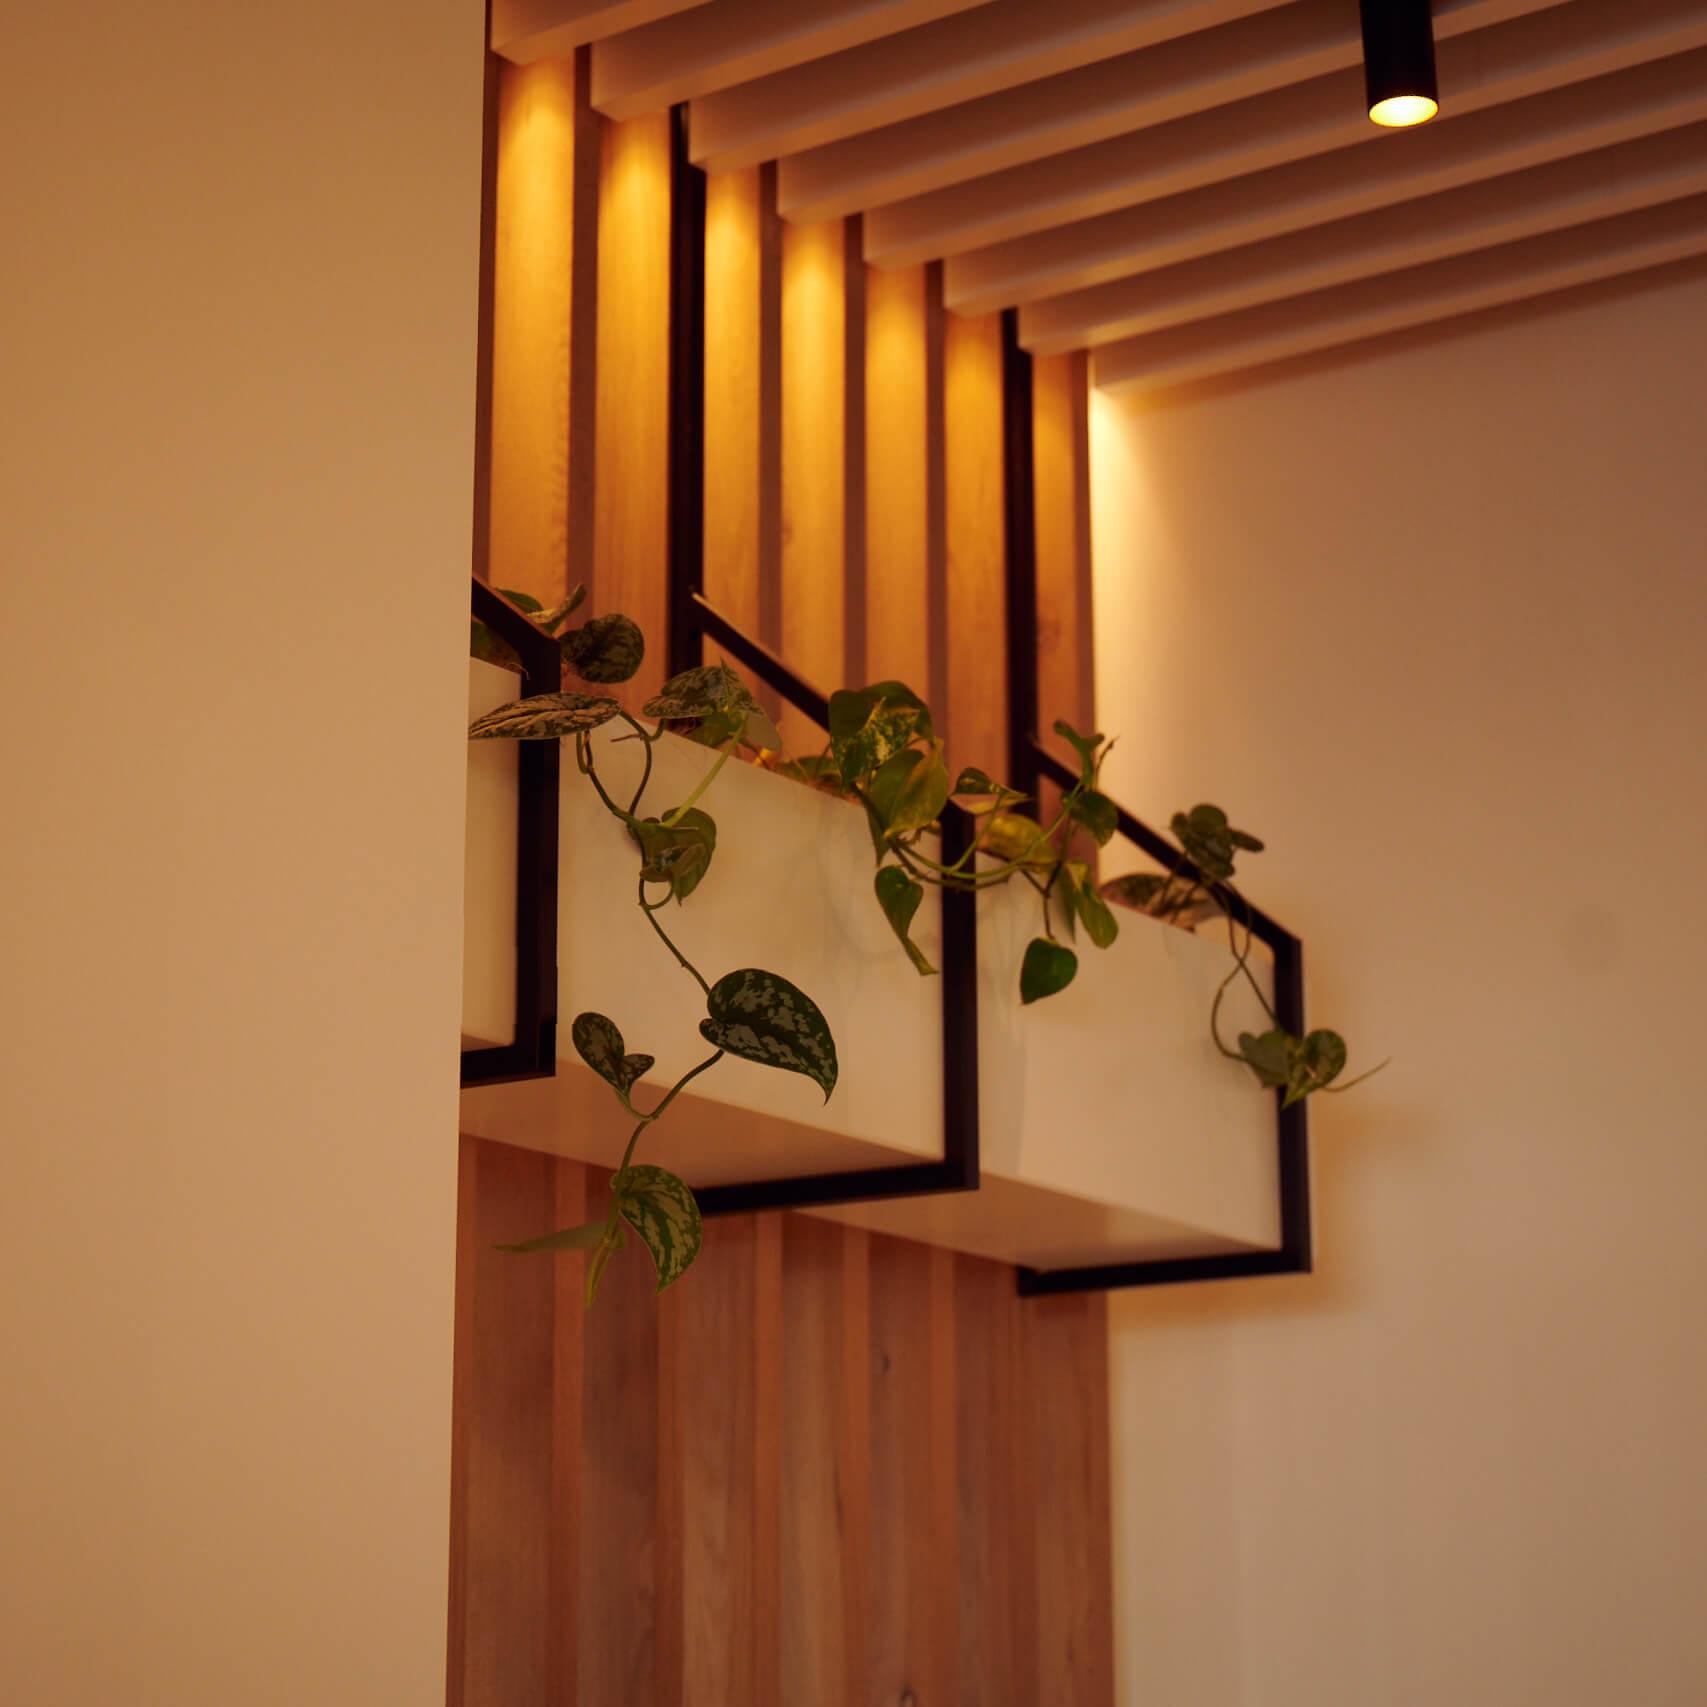 portfolio-offices-spaces-dlapiper-image2